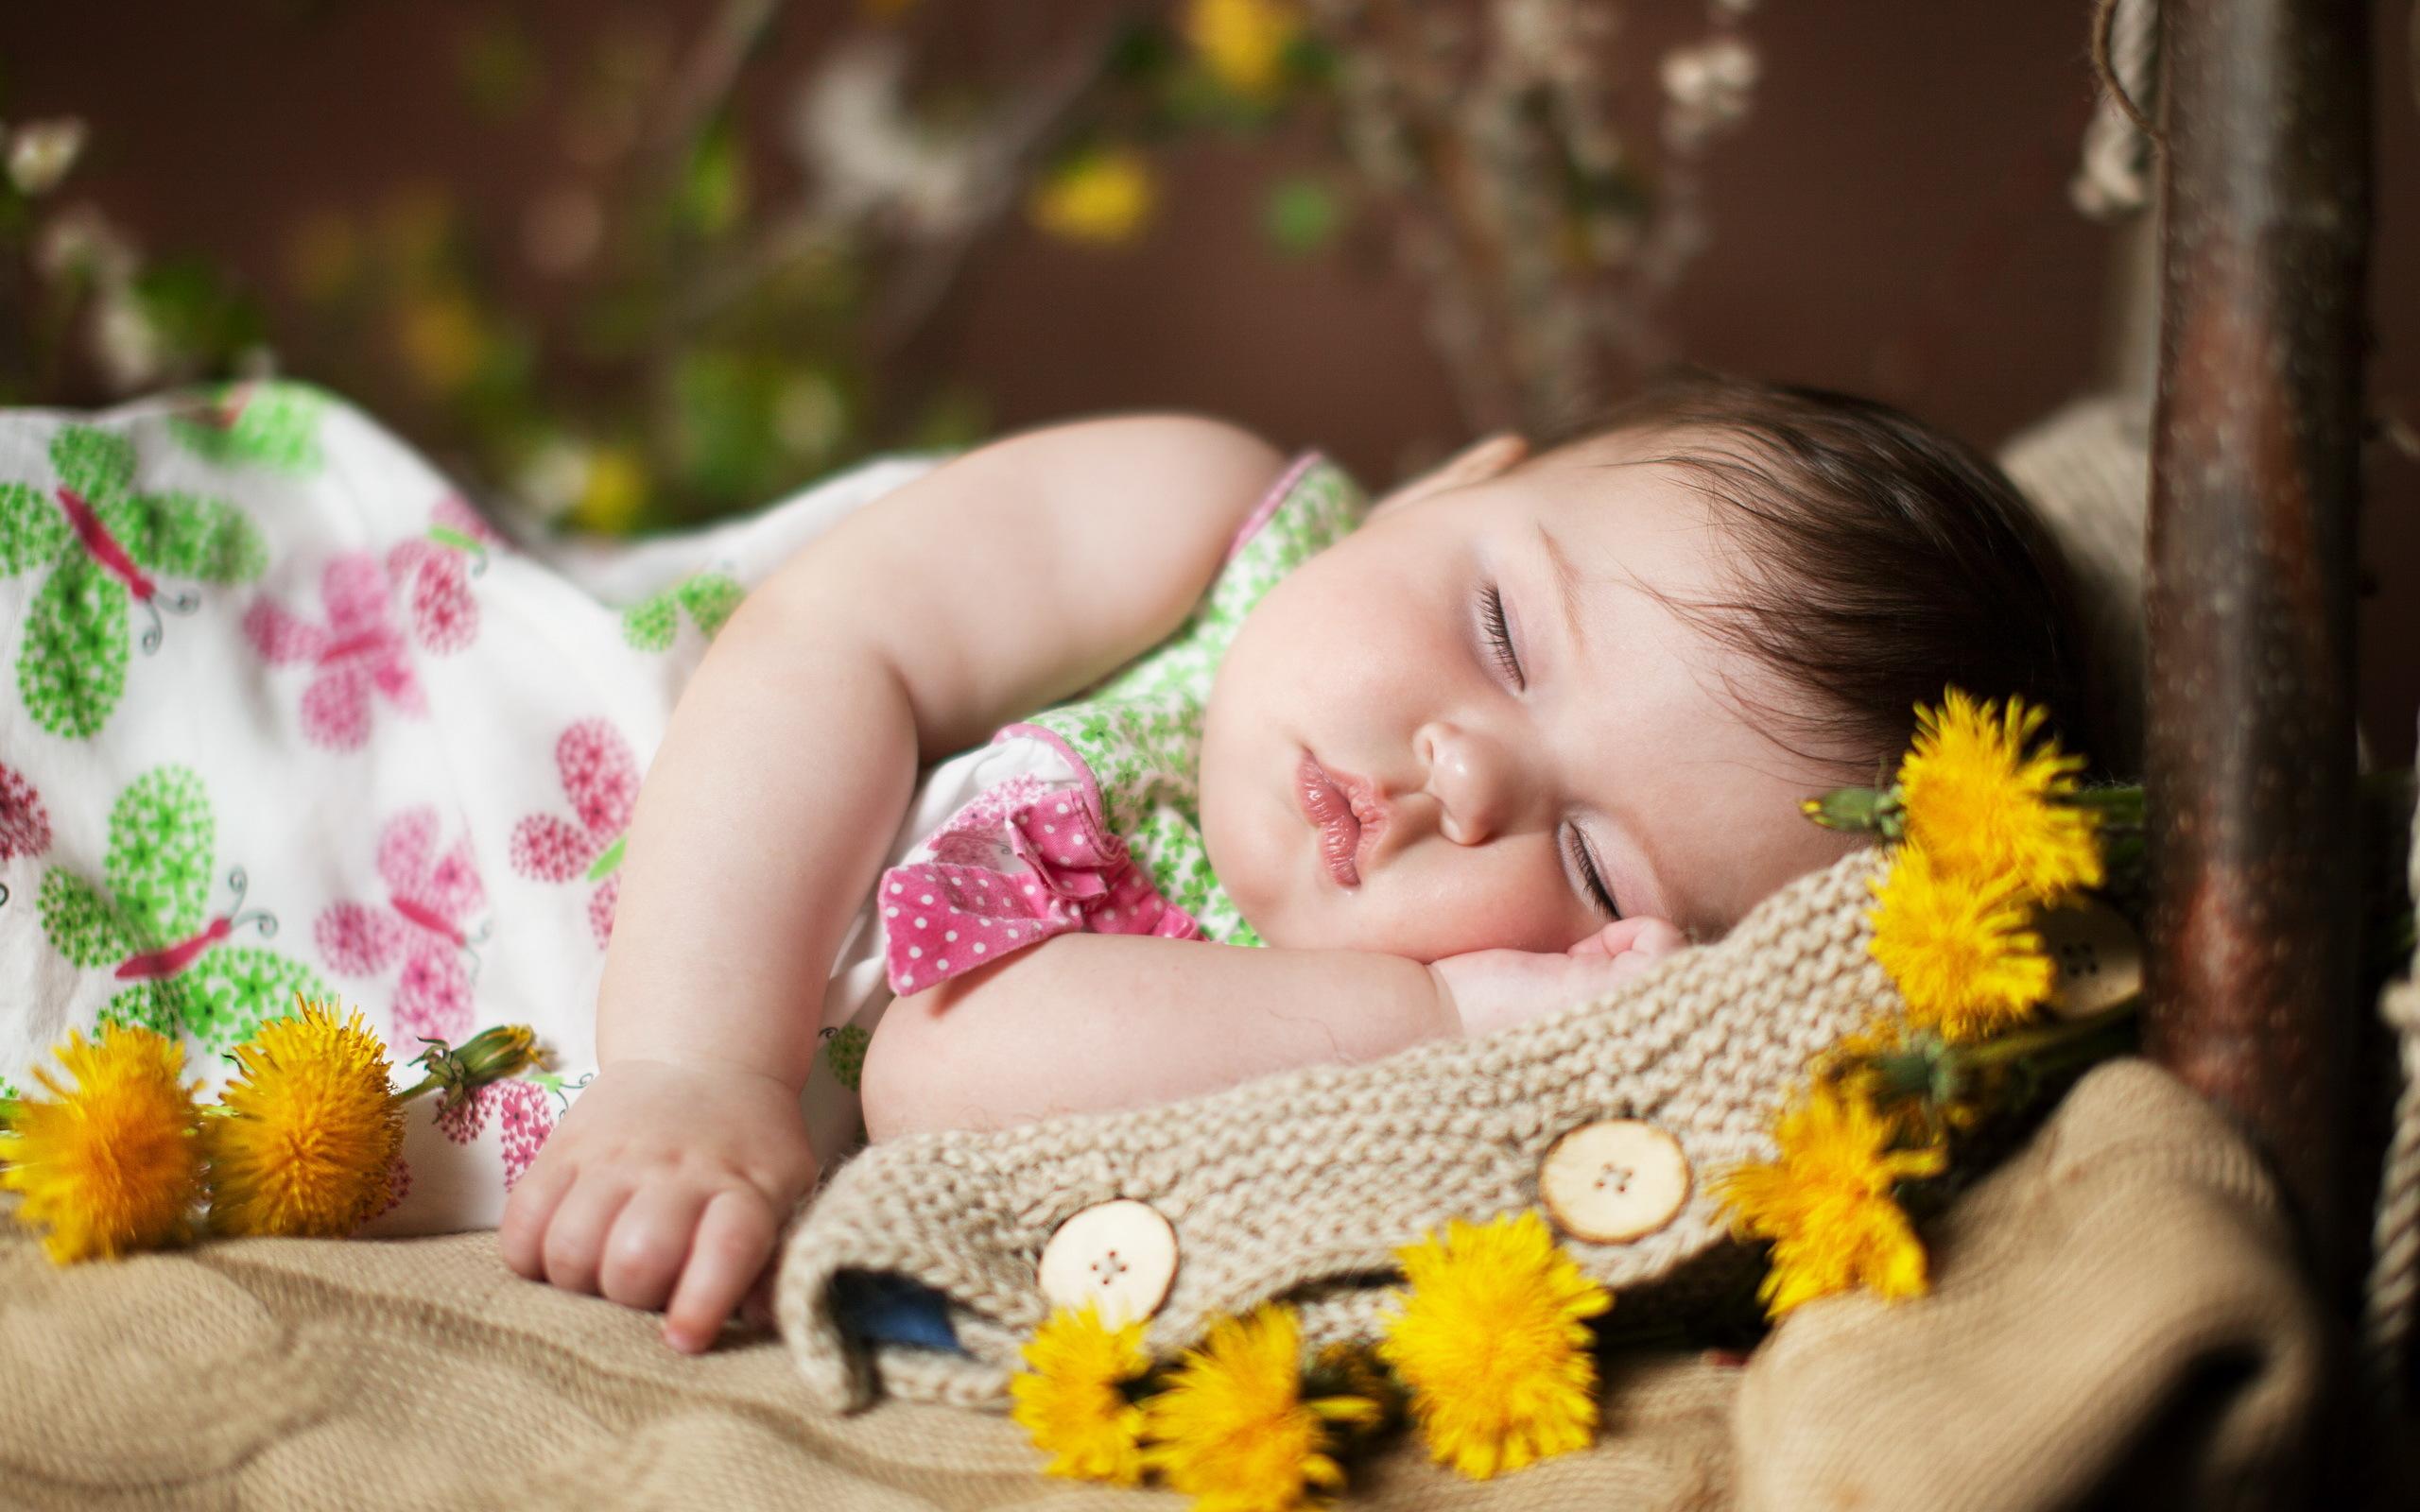 Симптомы ОРЗ и ОРВИ у детей